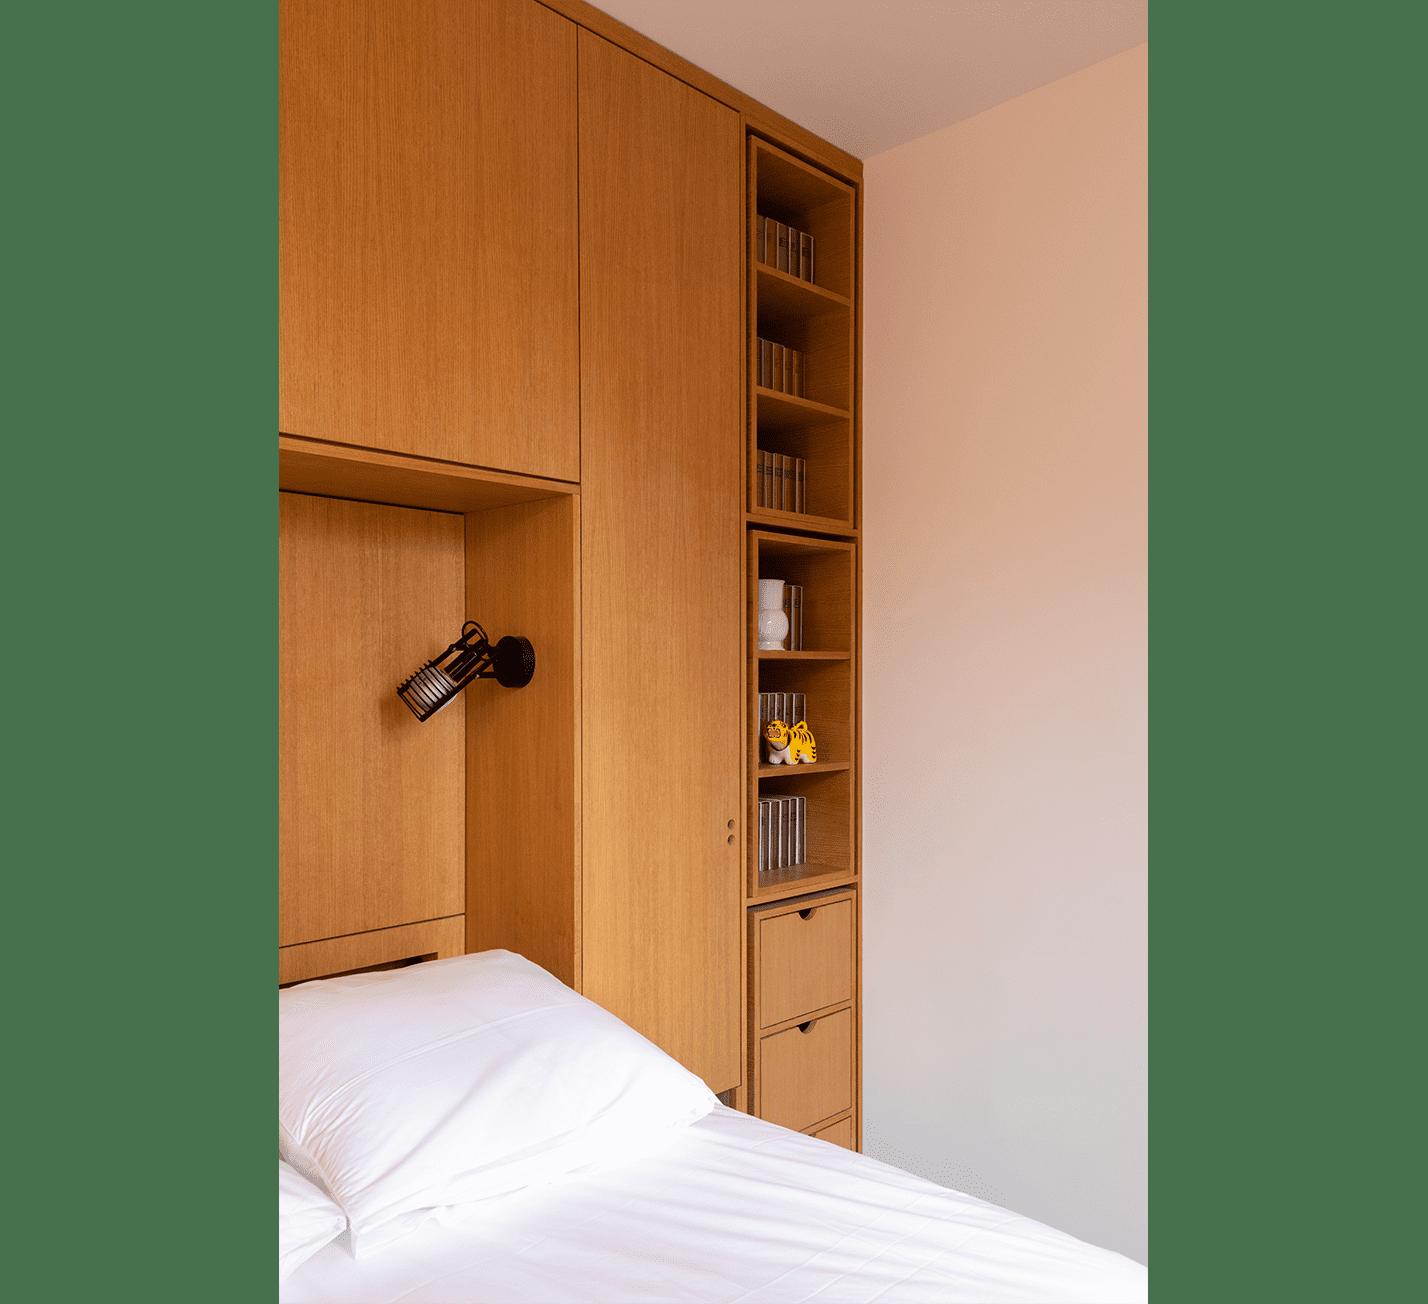 Appartement-Pantin-paris-rénovation-architecture-paris-construction-atelier-steve-pauline-borgia-5